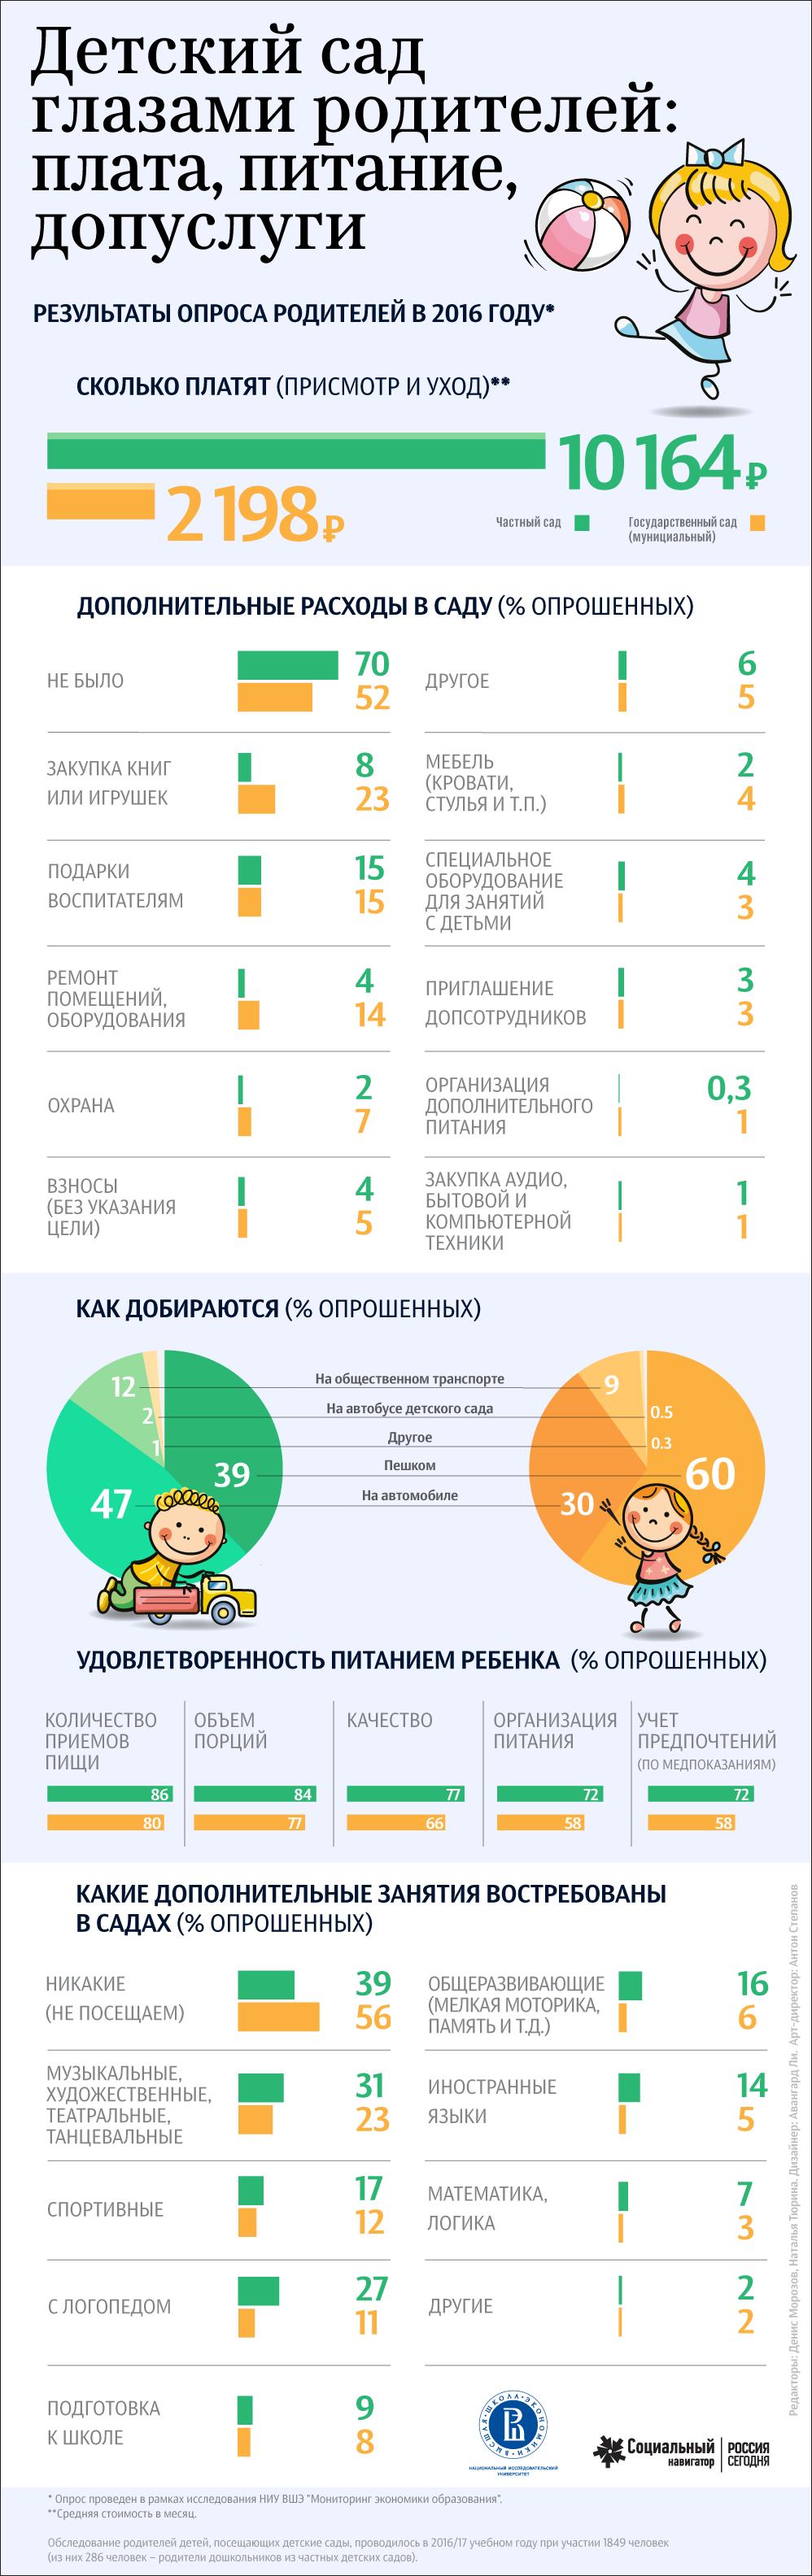 Детский сад глазами родителей